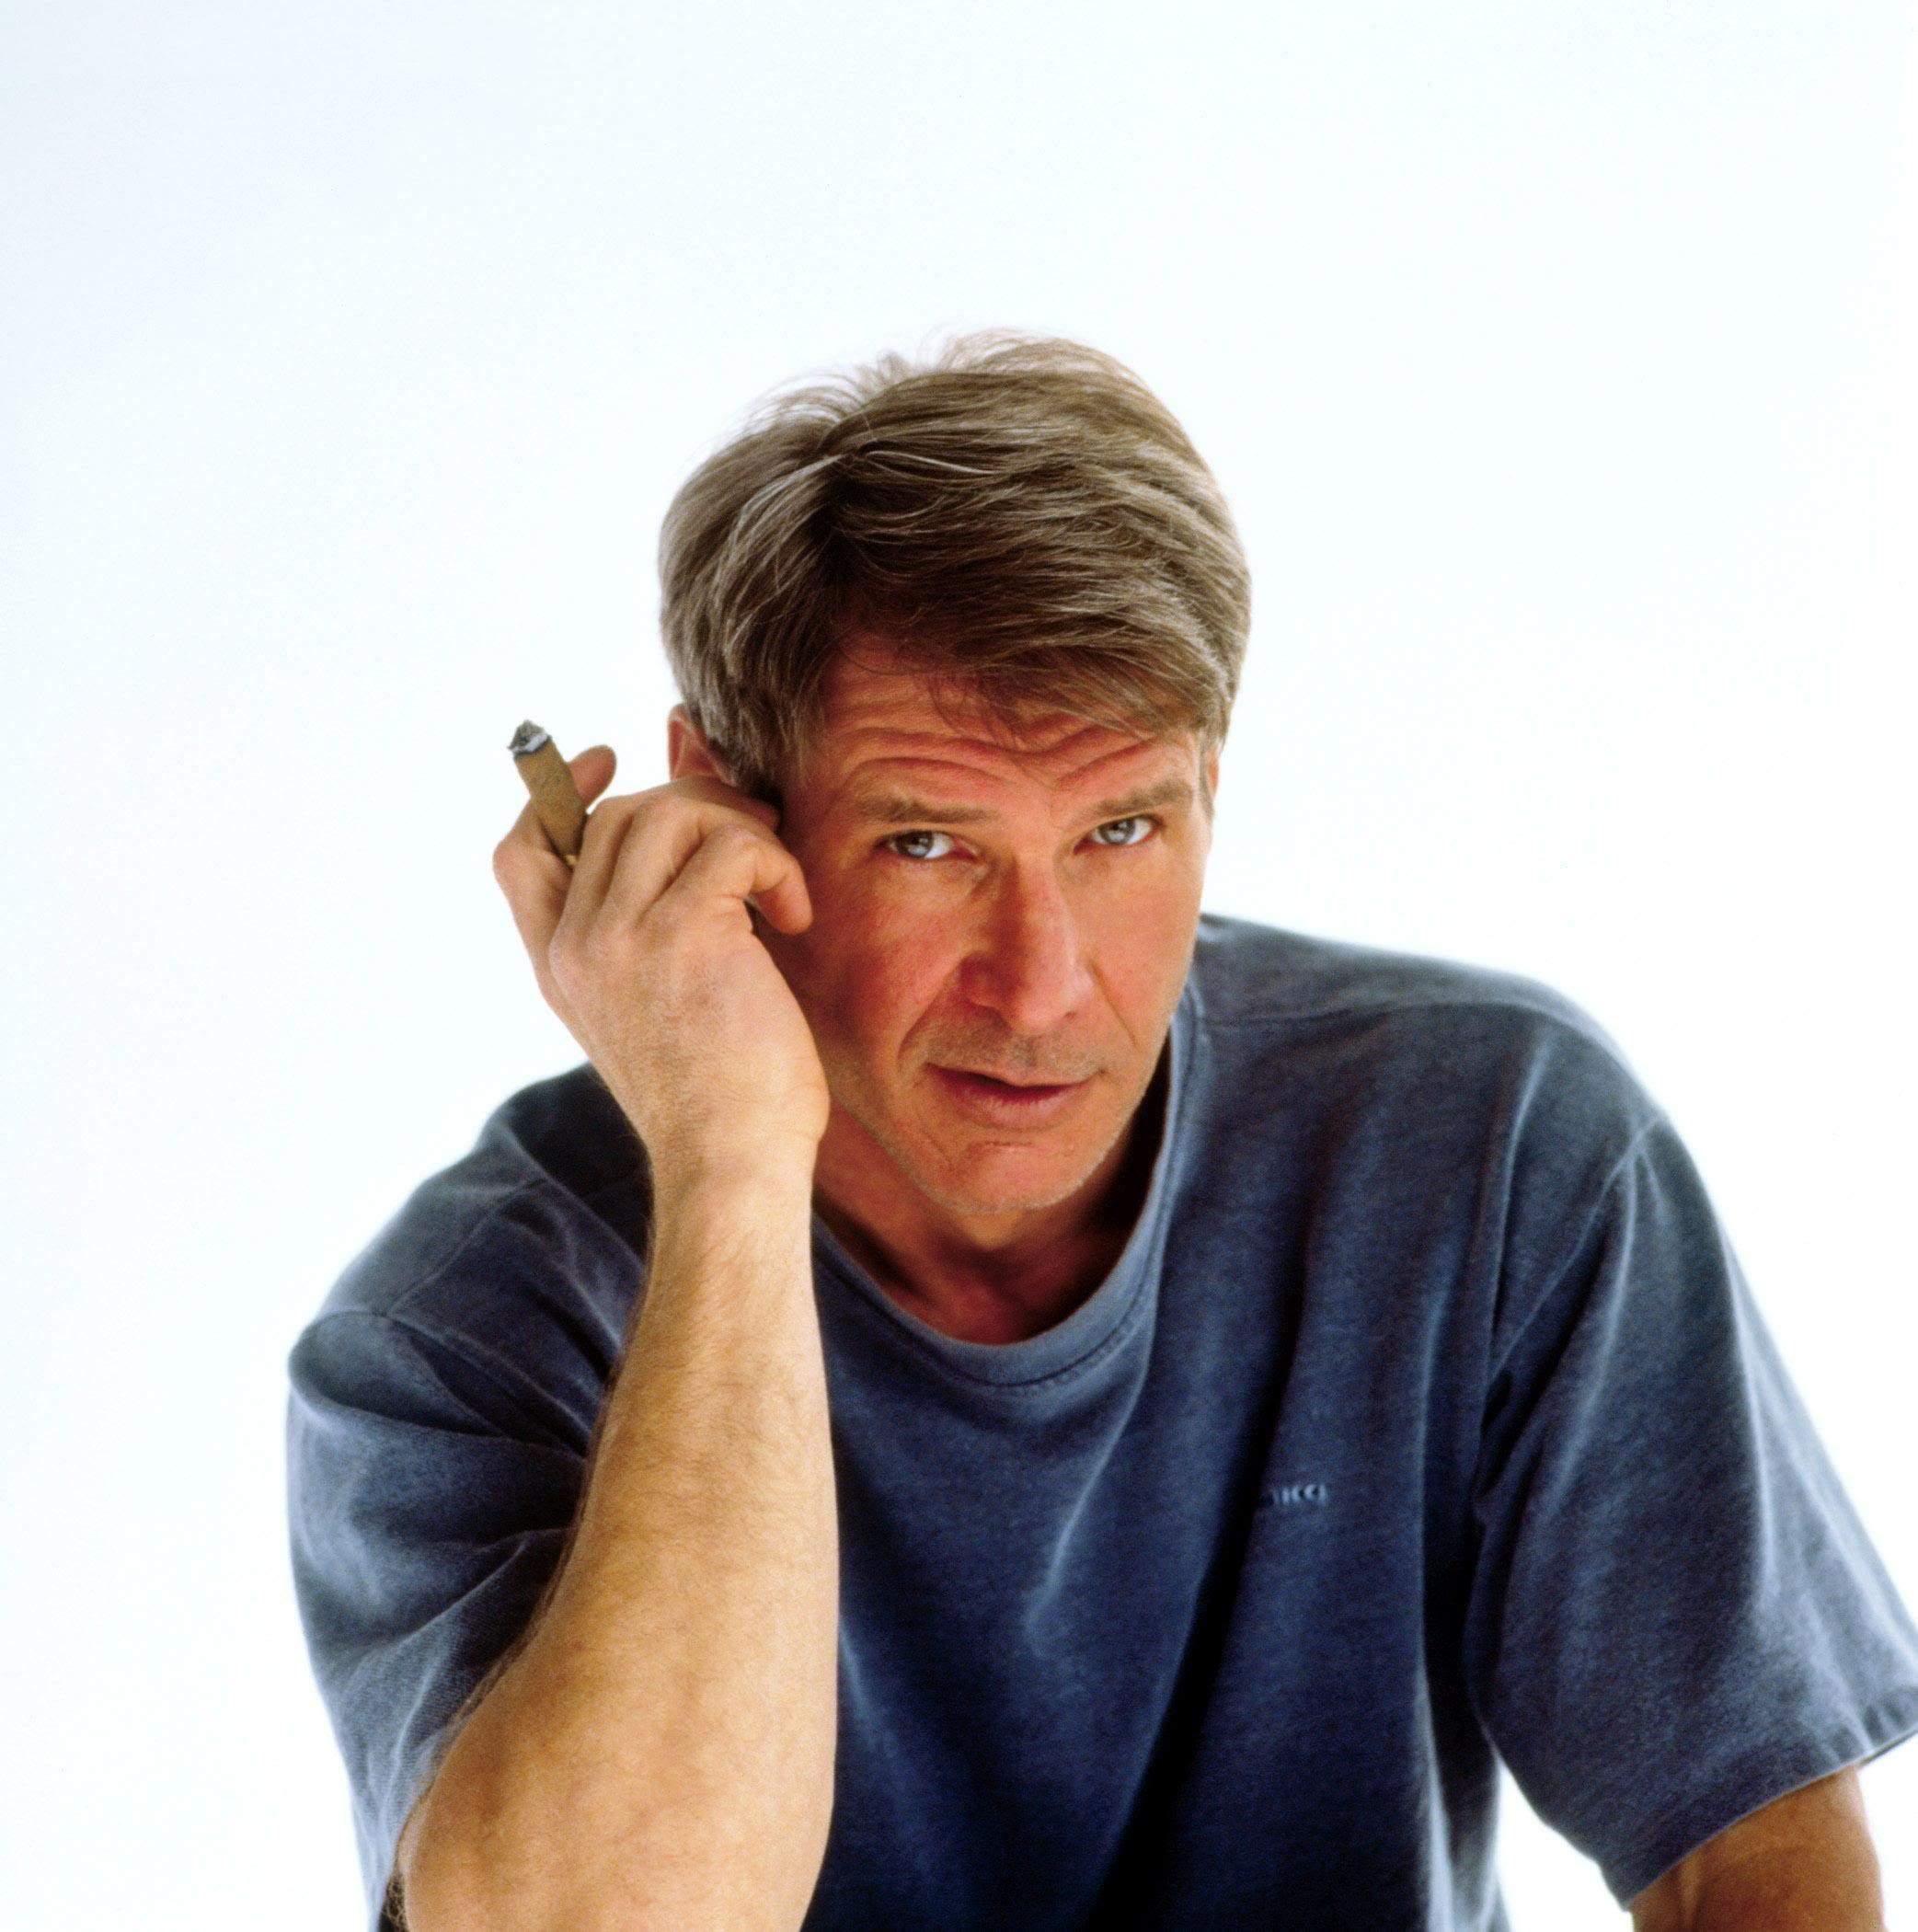 Harrison Ford Wallpaper 11   2085 X 2100 stmednet 2085x2100